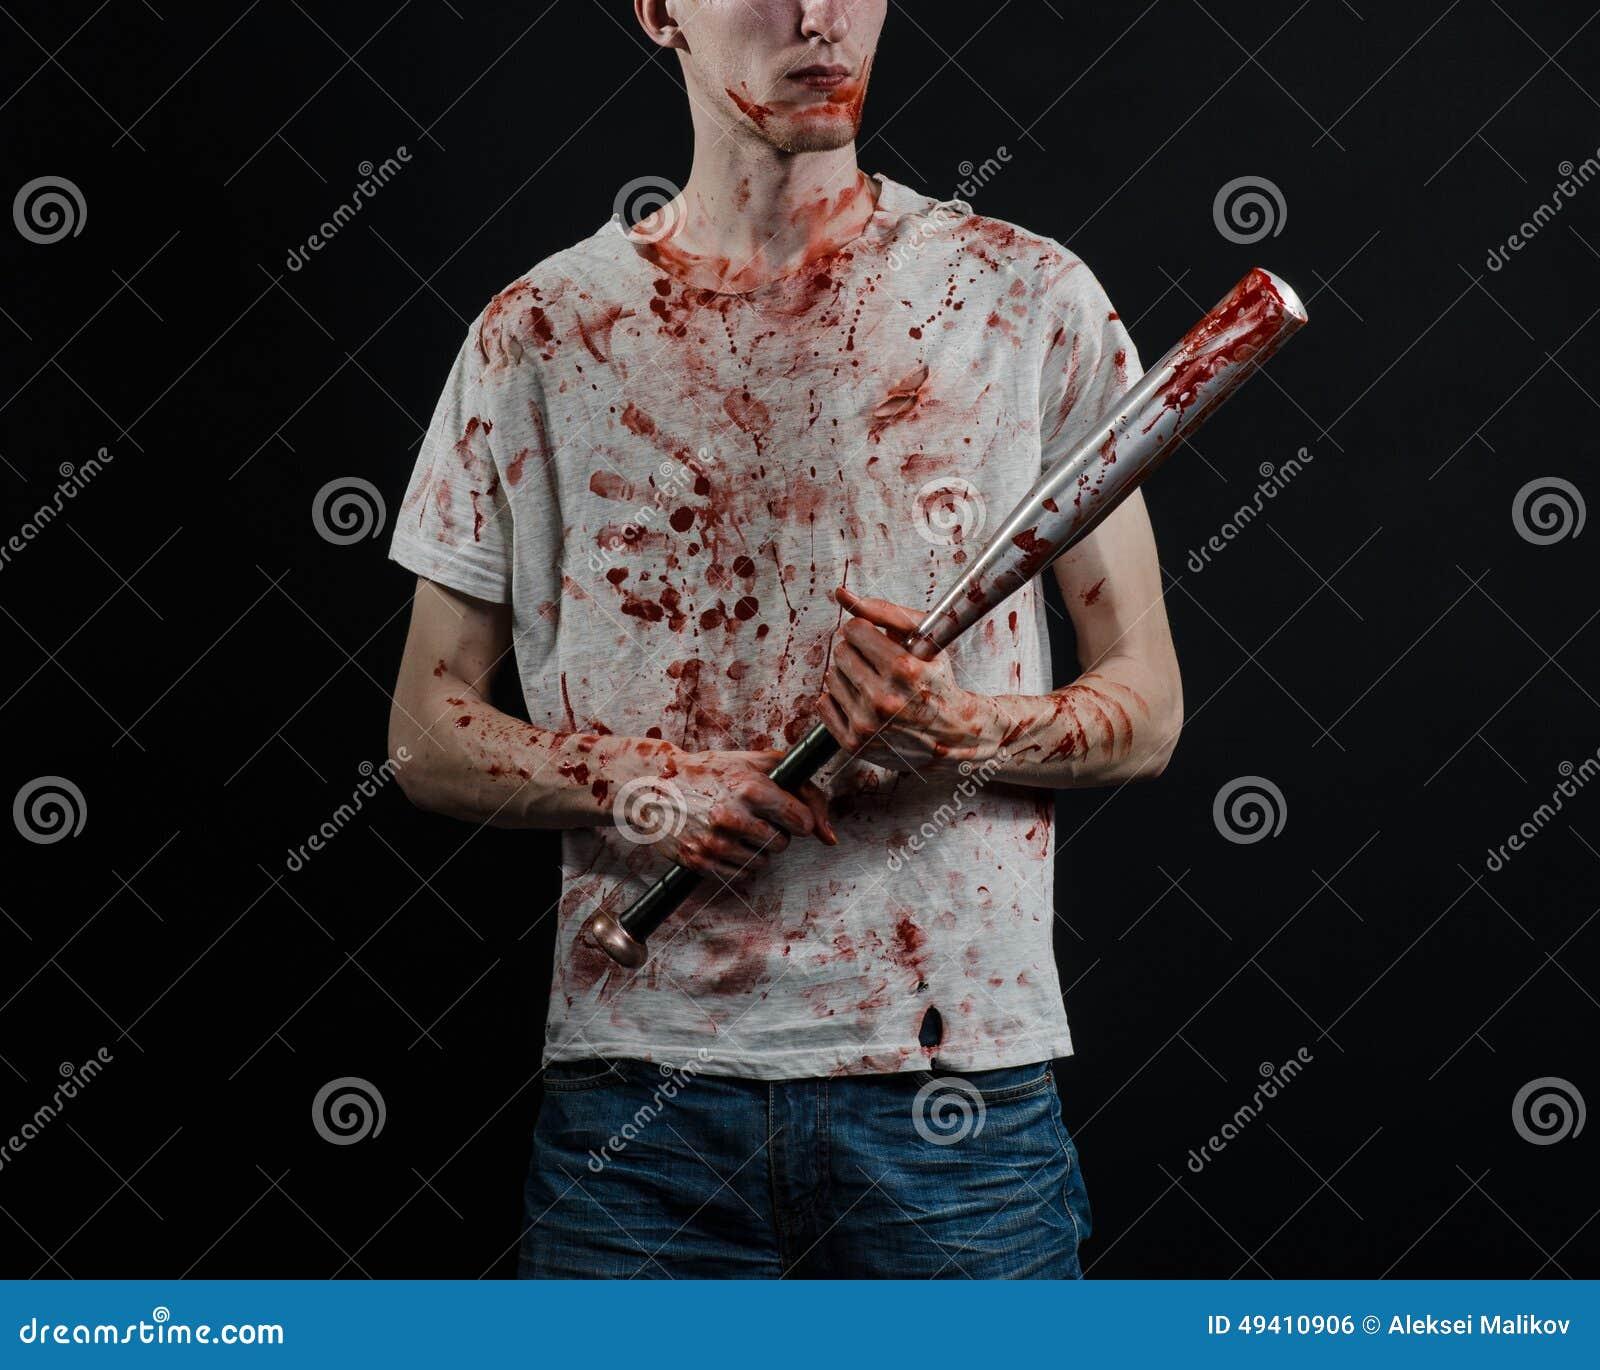 Download Blutiges Thema: Der Kerl In Einem Blutigen T-Shirt, Das Einen Blutigen Schläger Auf Einem Schwarzen Hintergrund Hält Stockfoto - Bild von schlag, mörder: 49410906